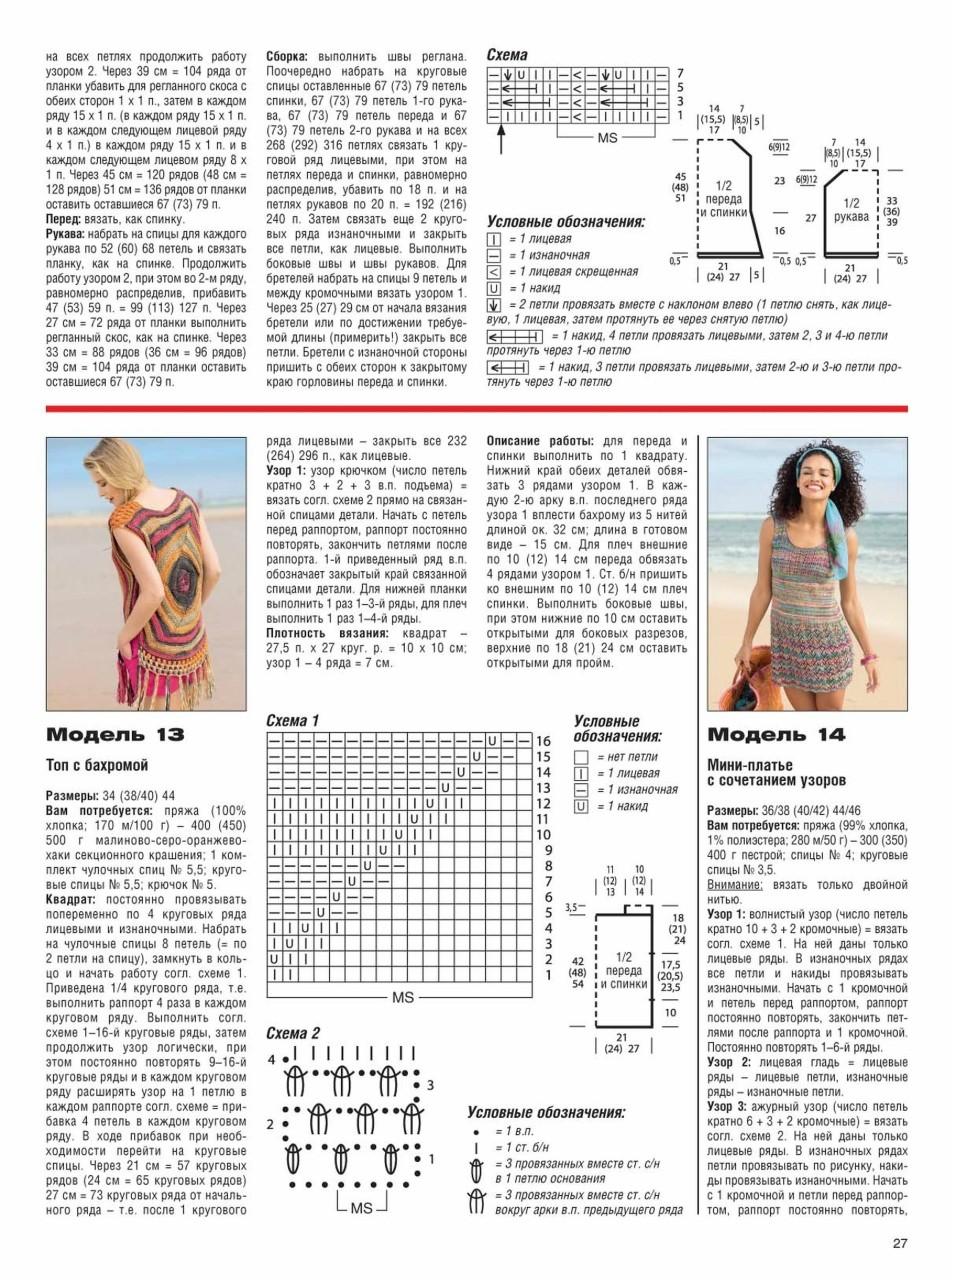 Вязание крючком для женщин лето 2017: топ с бахромой и платье